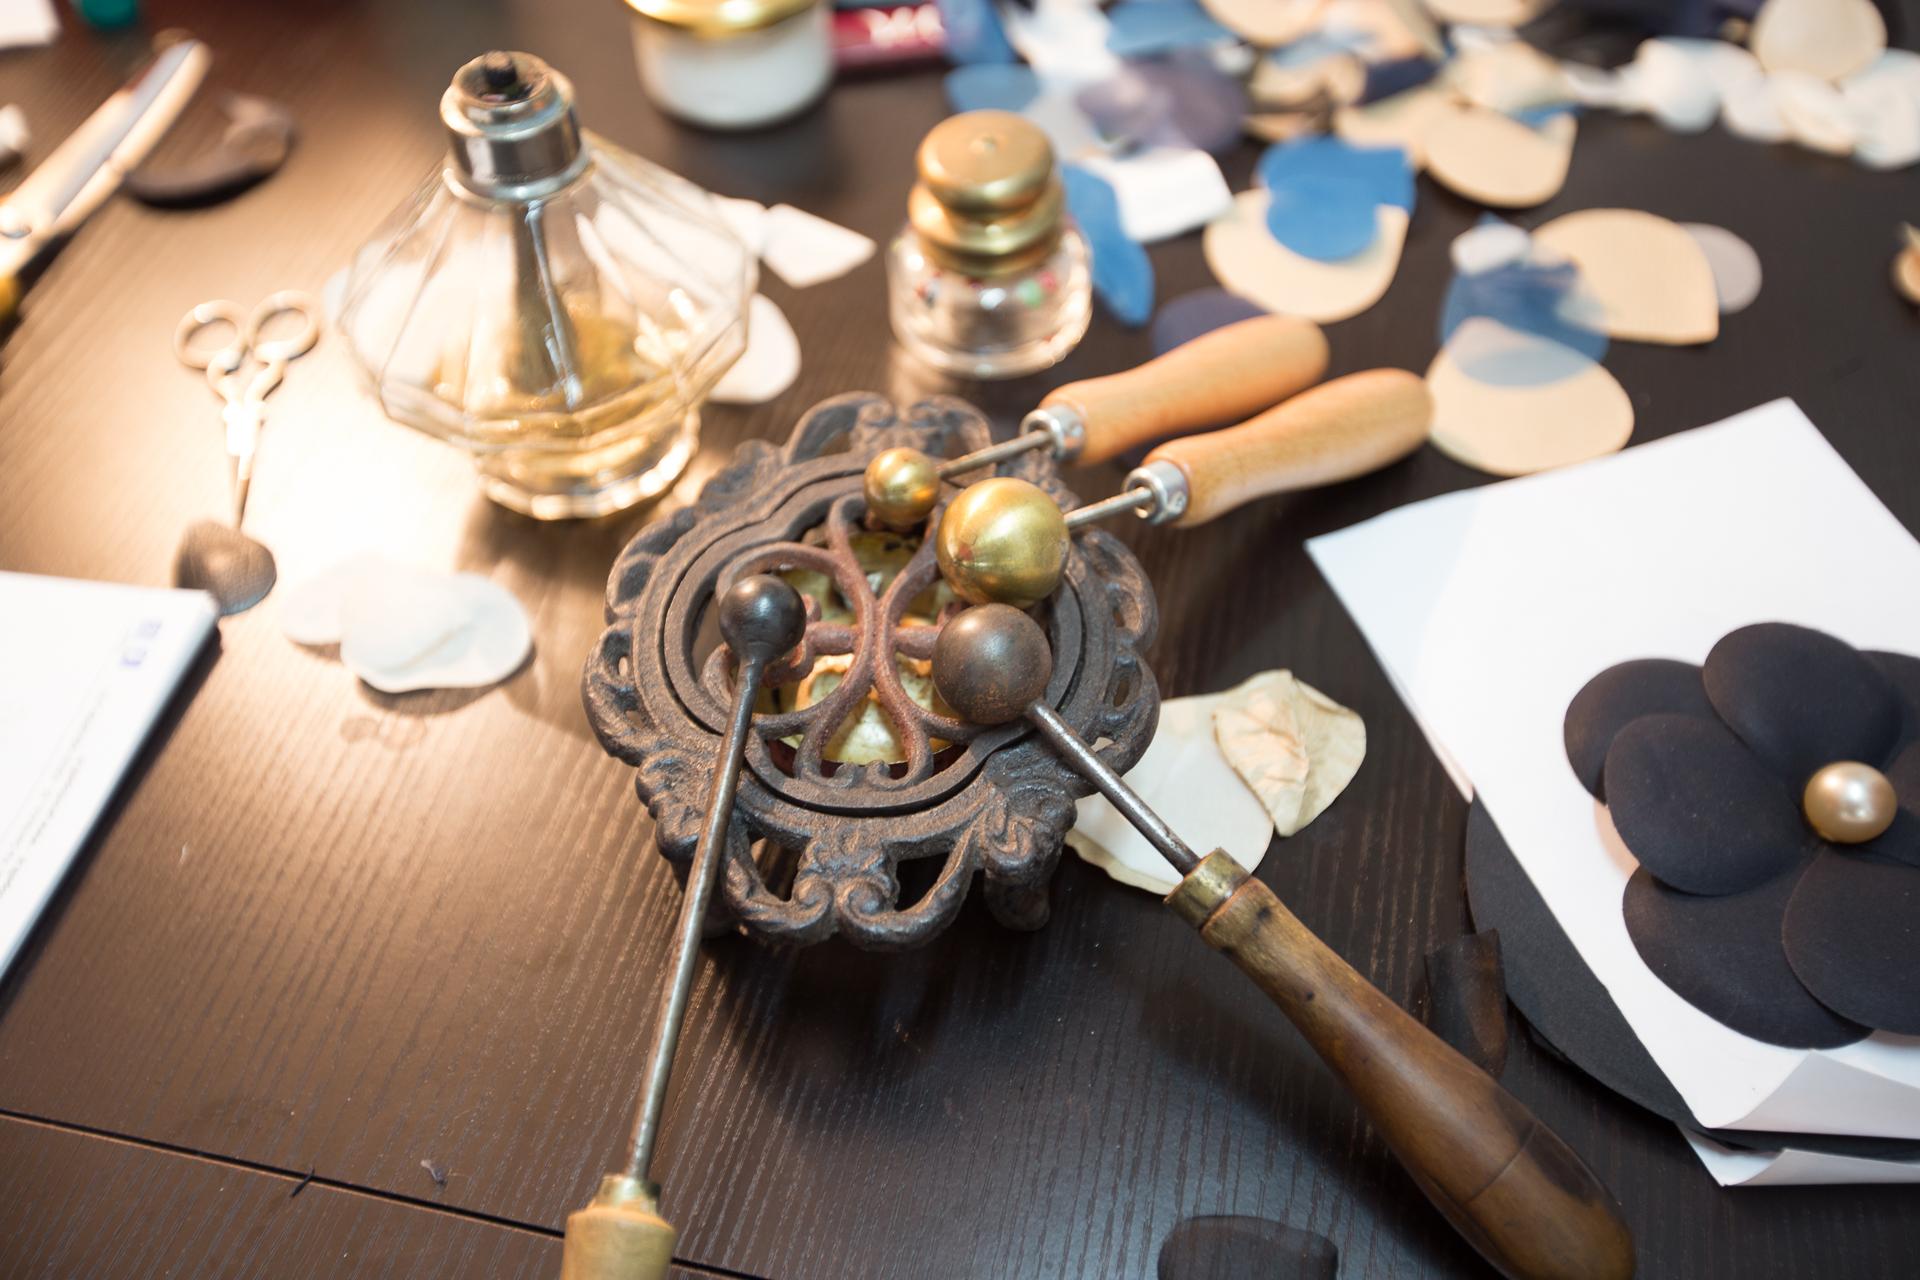 atelier-prive-santiago-lomelli-5.jpg